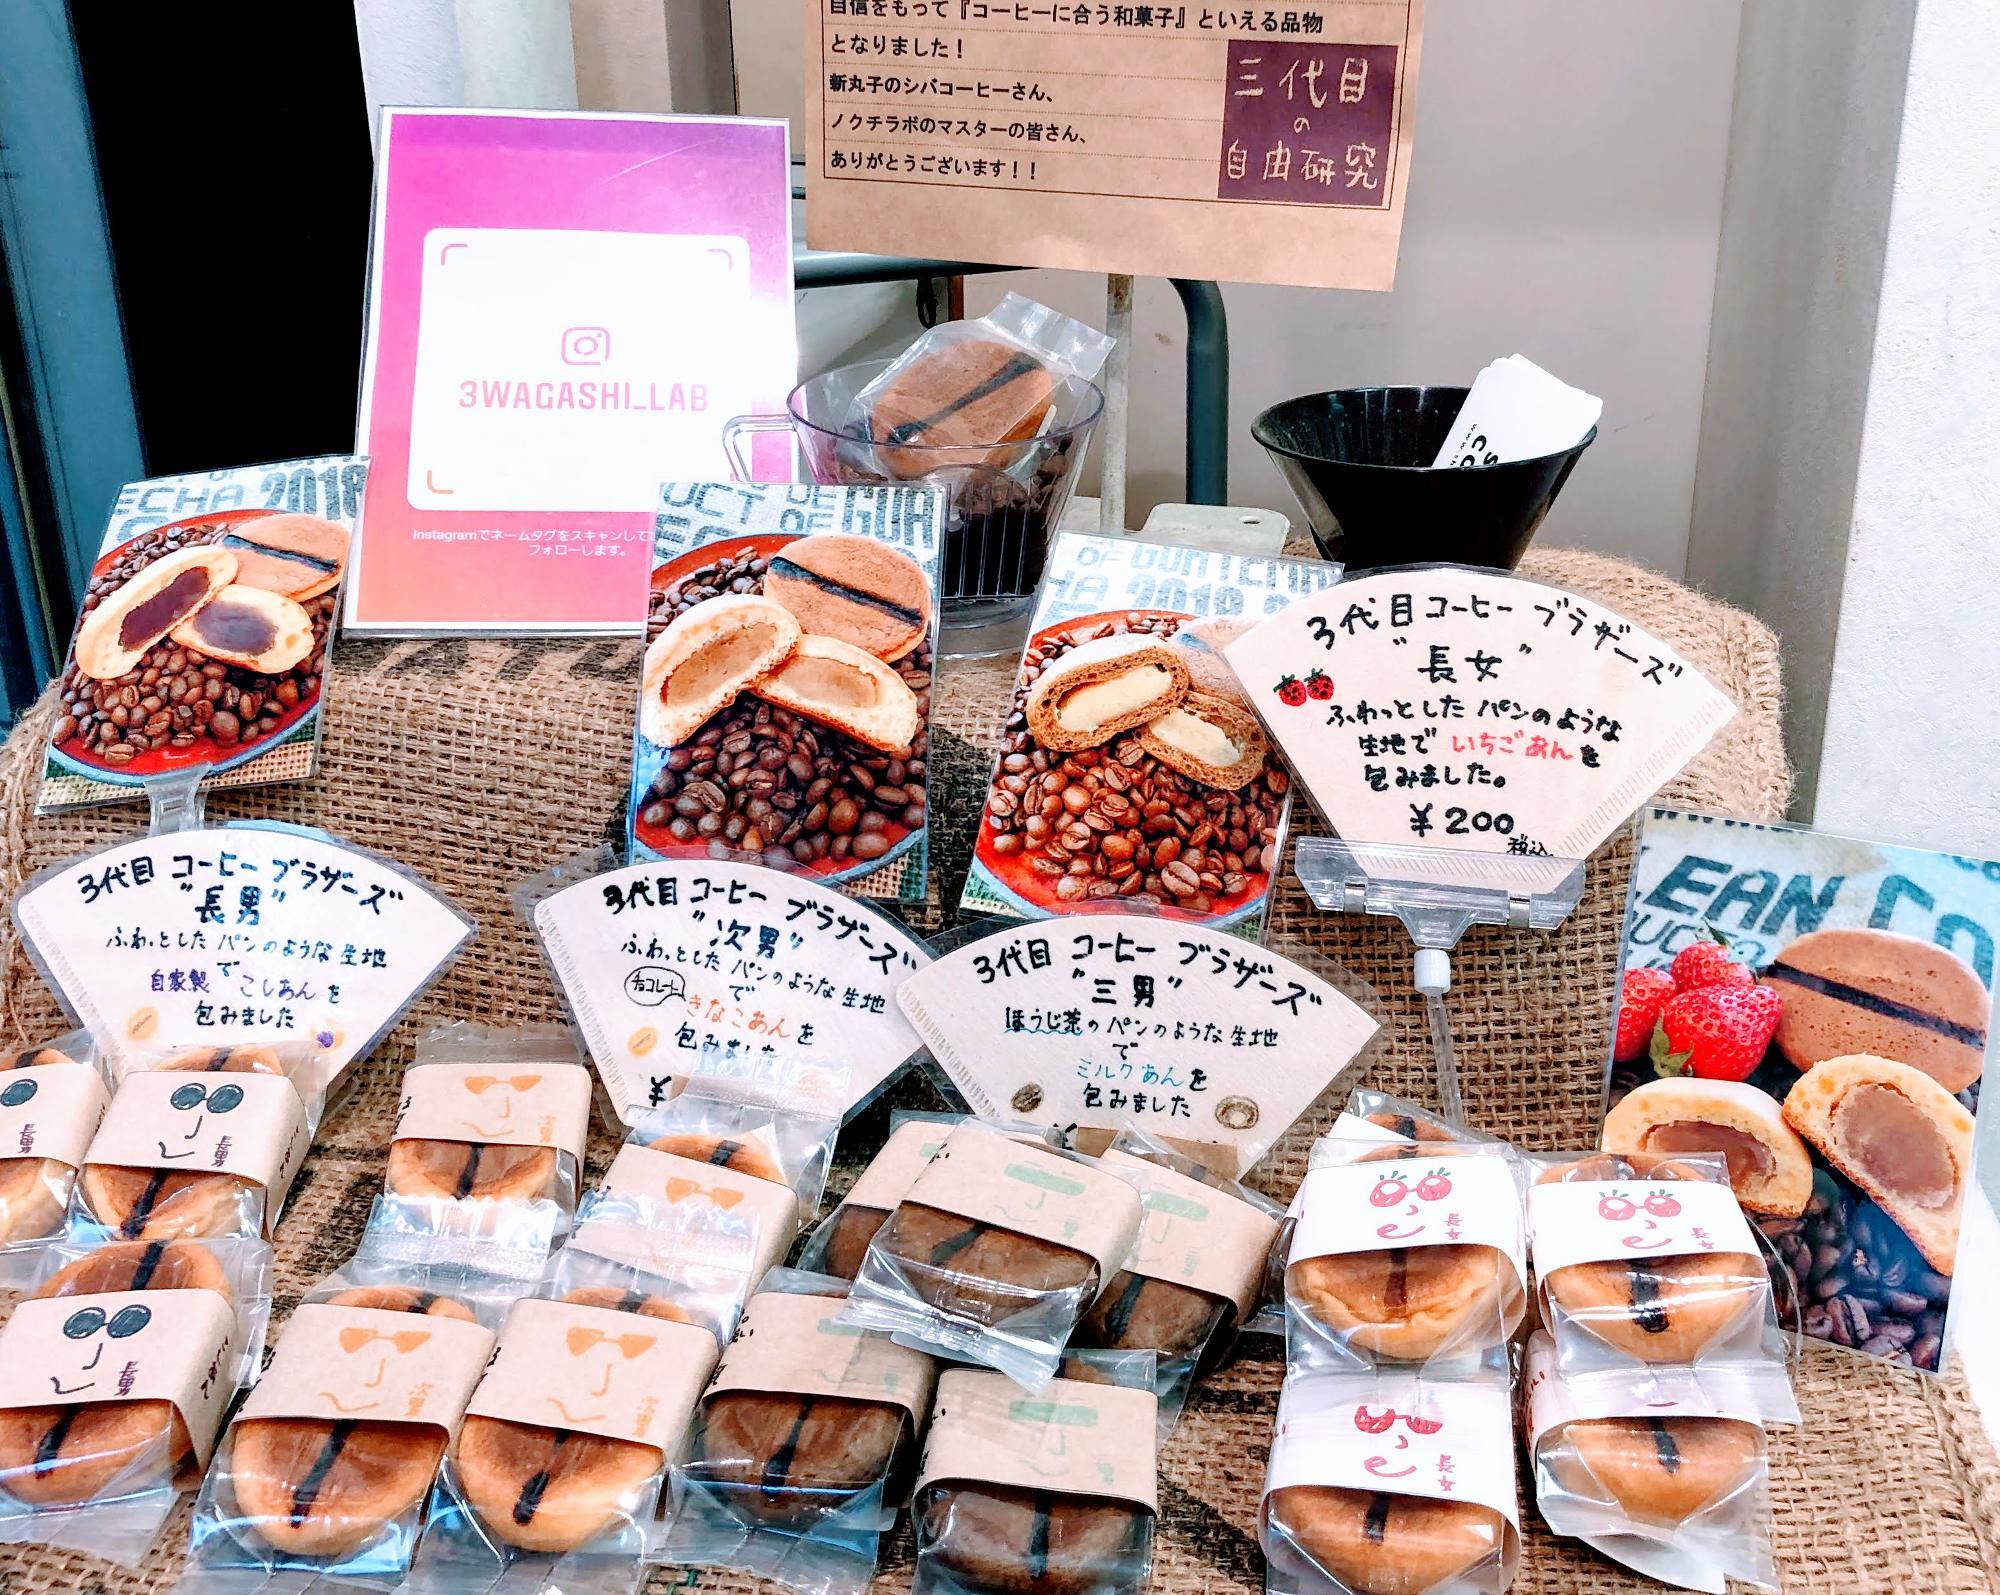 コーヒーに合う和菓子の「コーヒーブラザーズ」に最近、いちごあんの長女が加わった